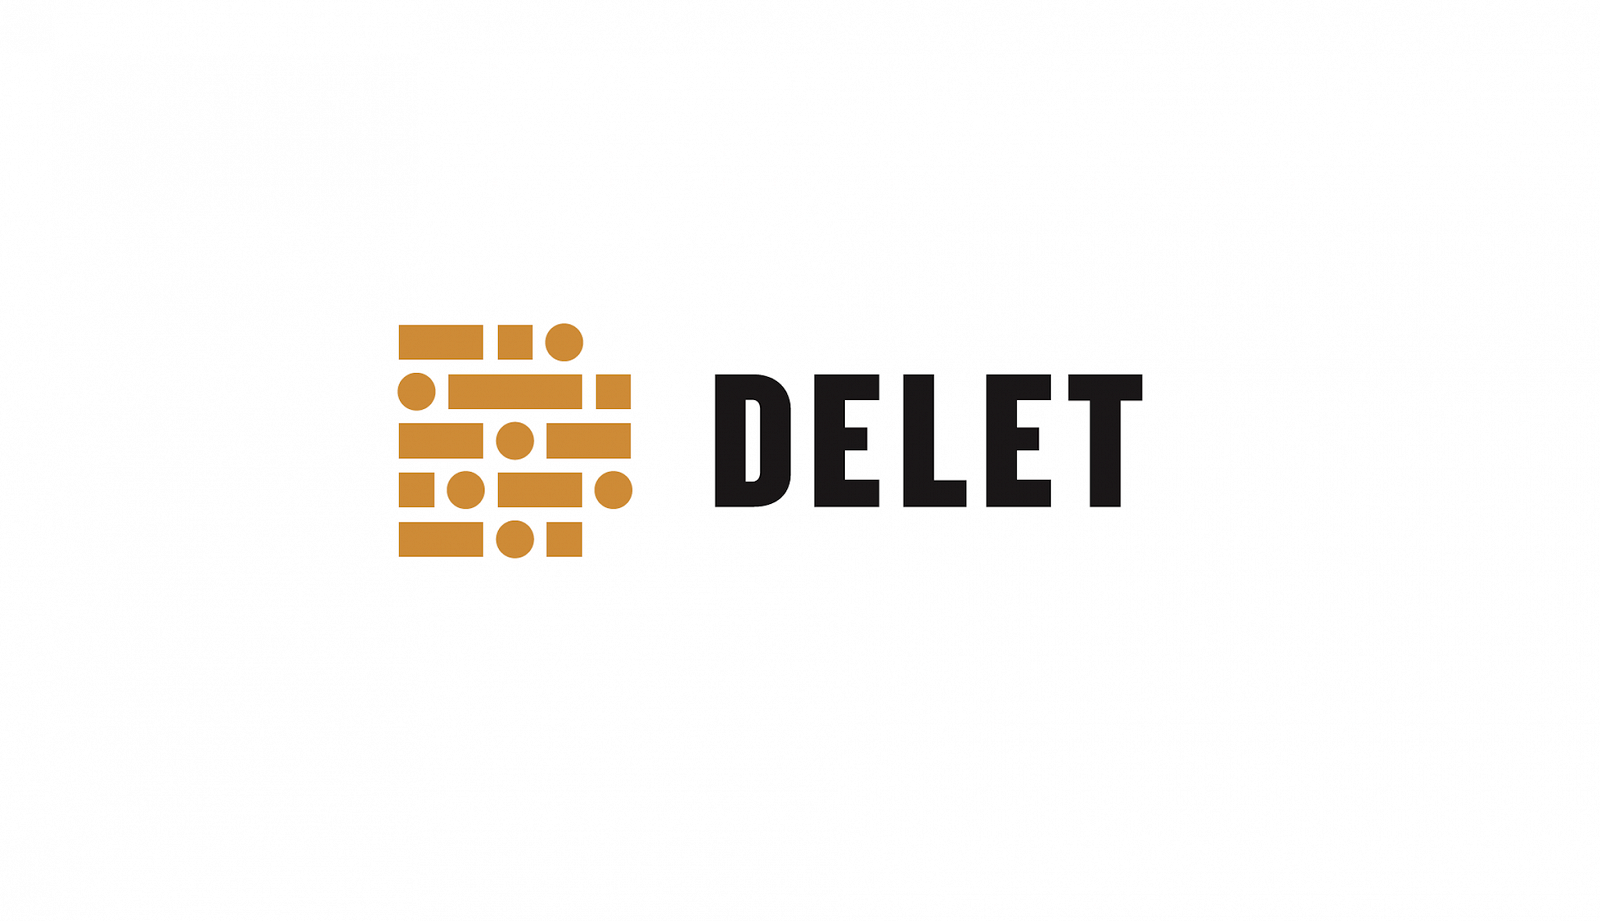 Delet1.png